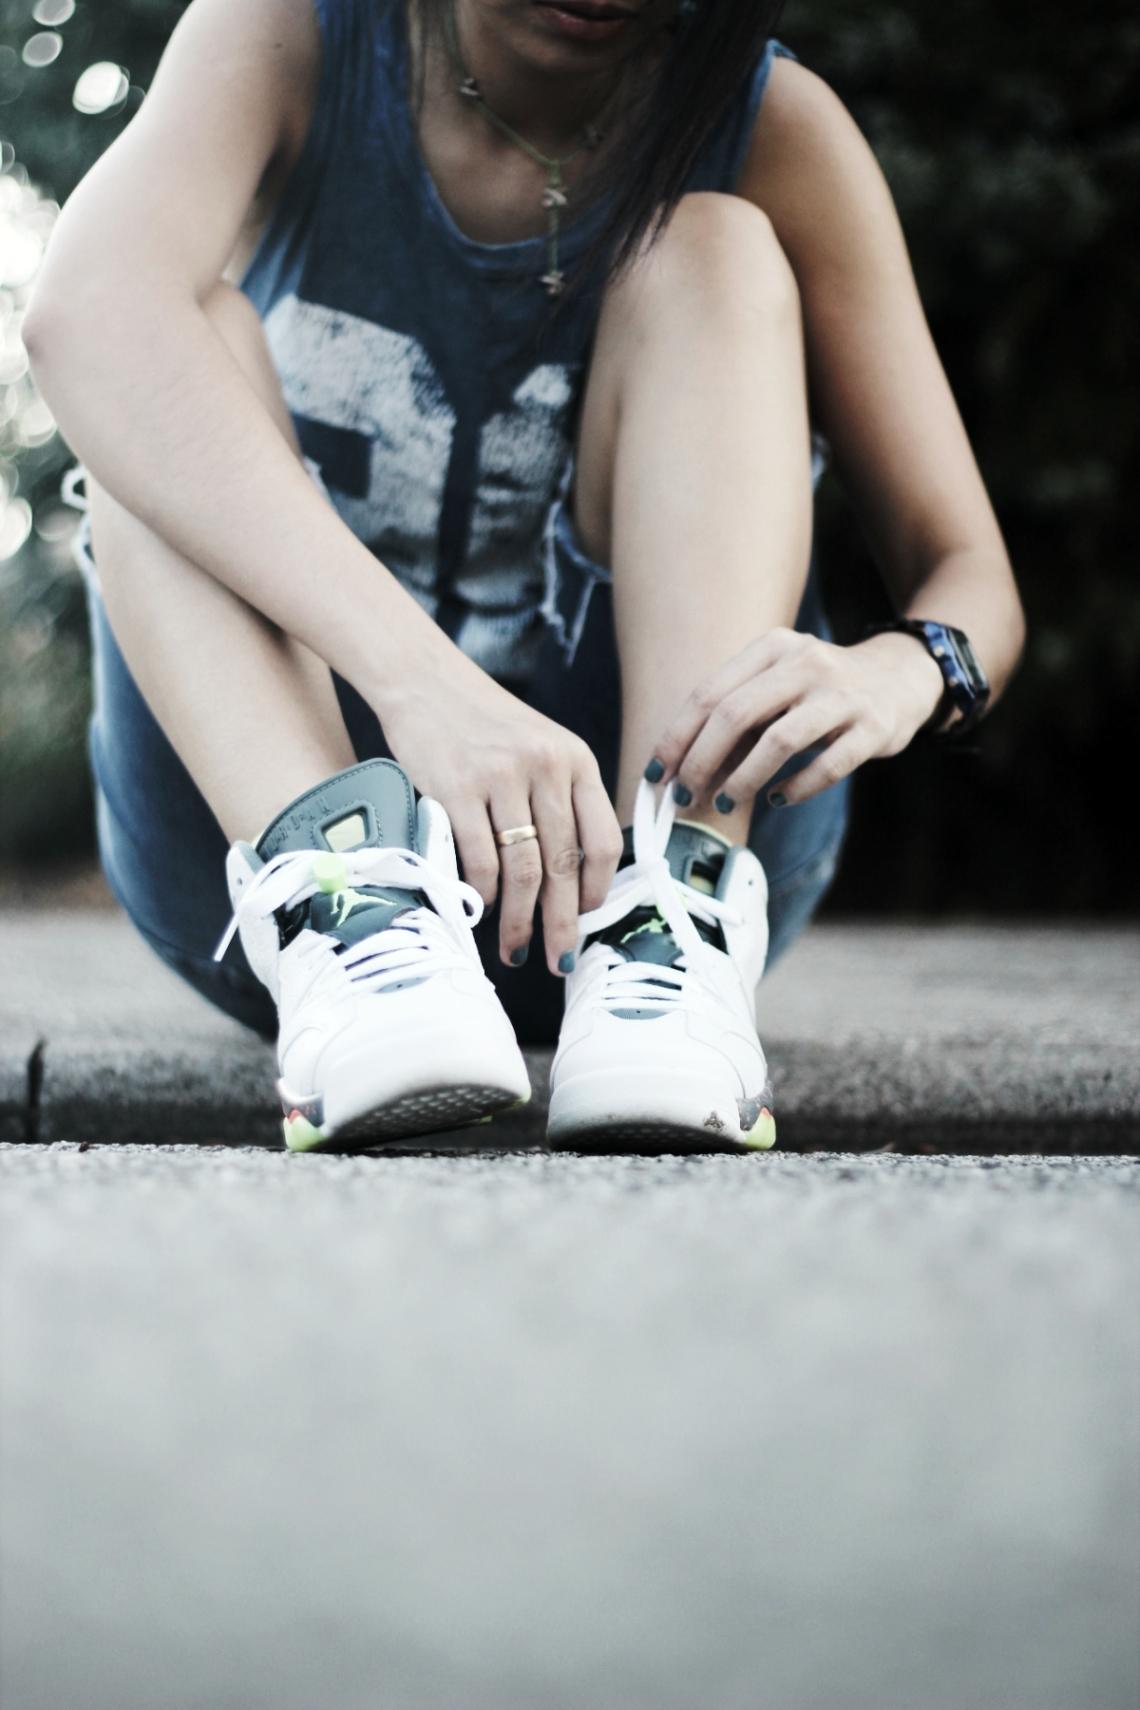 nikesneakers15